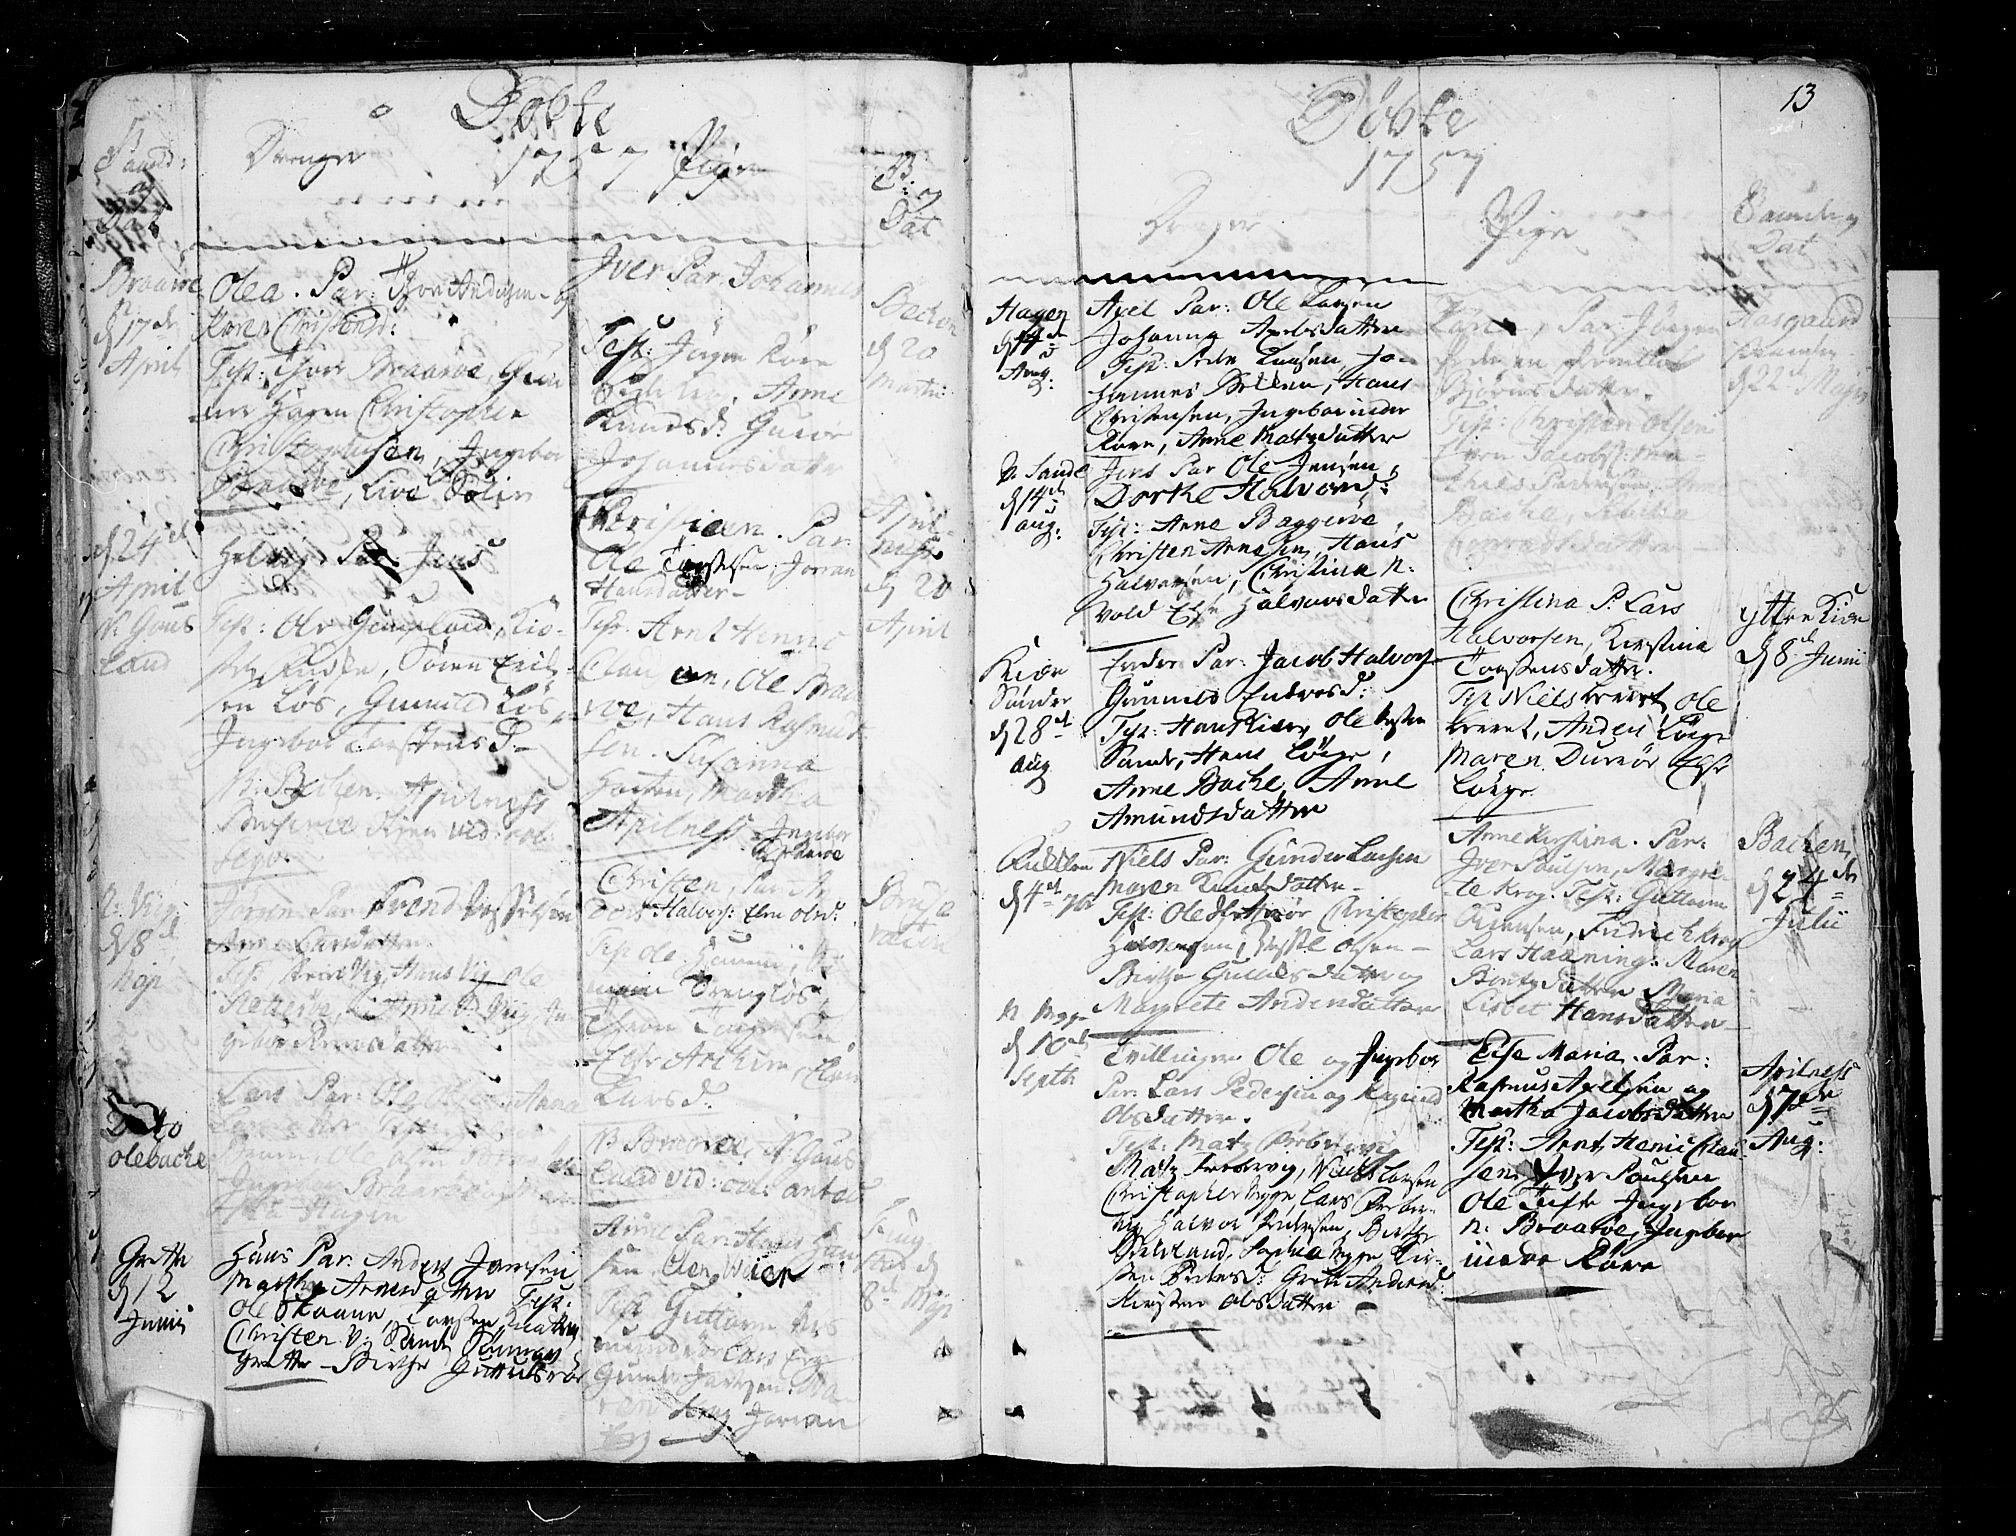 SAKO, Borre kirkebøker, F/Fa/L0002: Ministerialbok nr. I 2, 1752-1806, s. 13